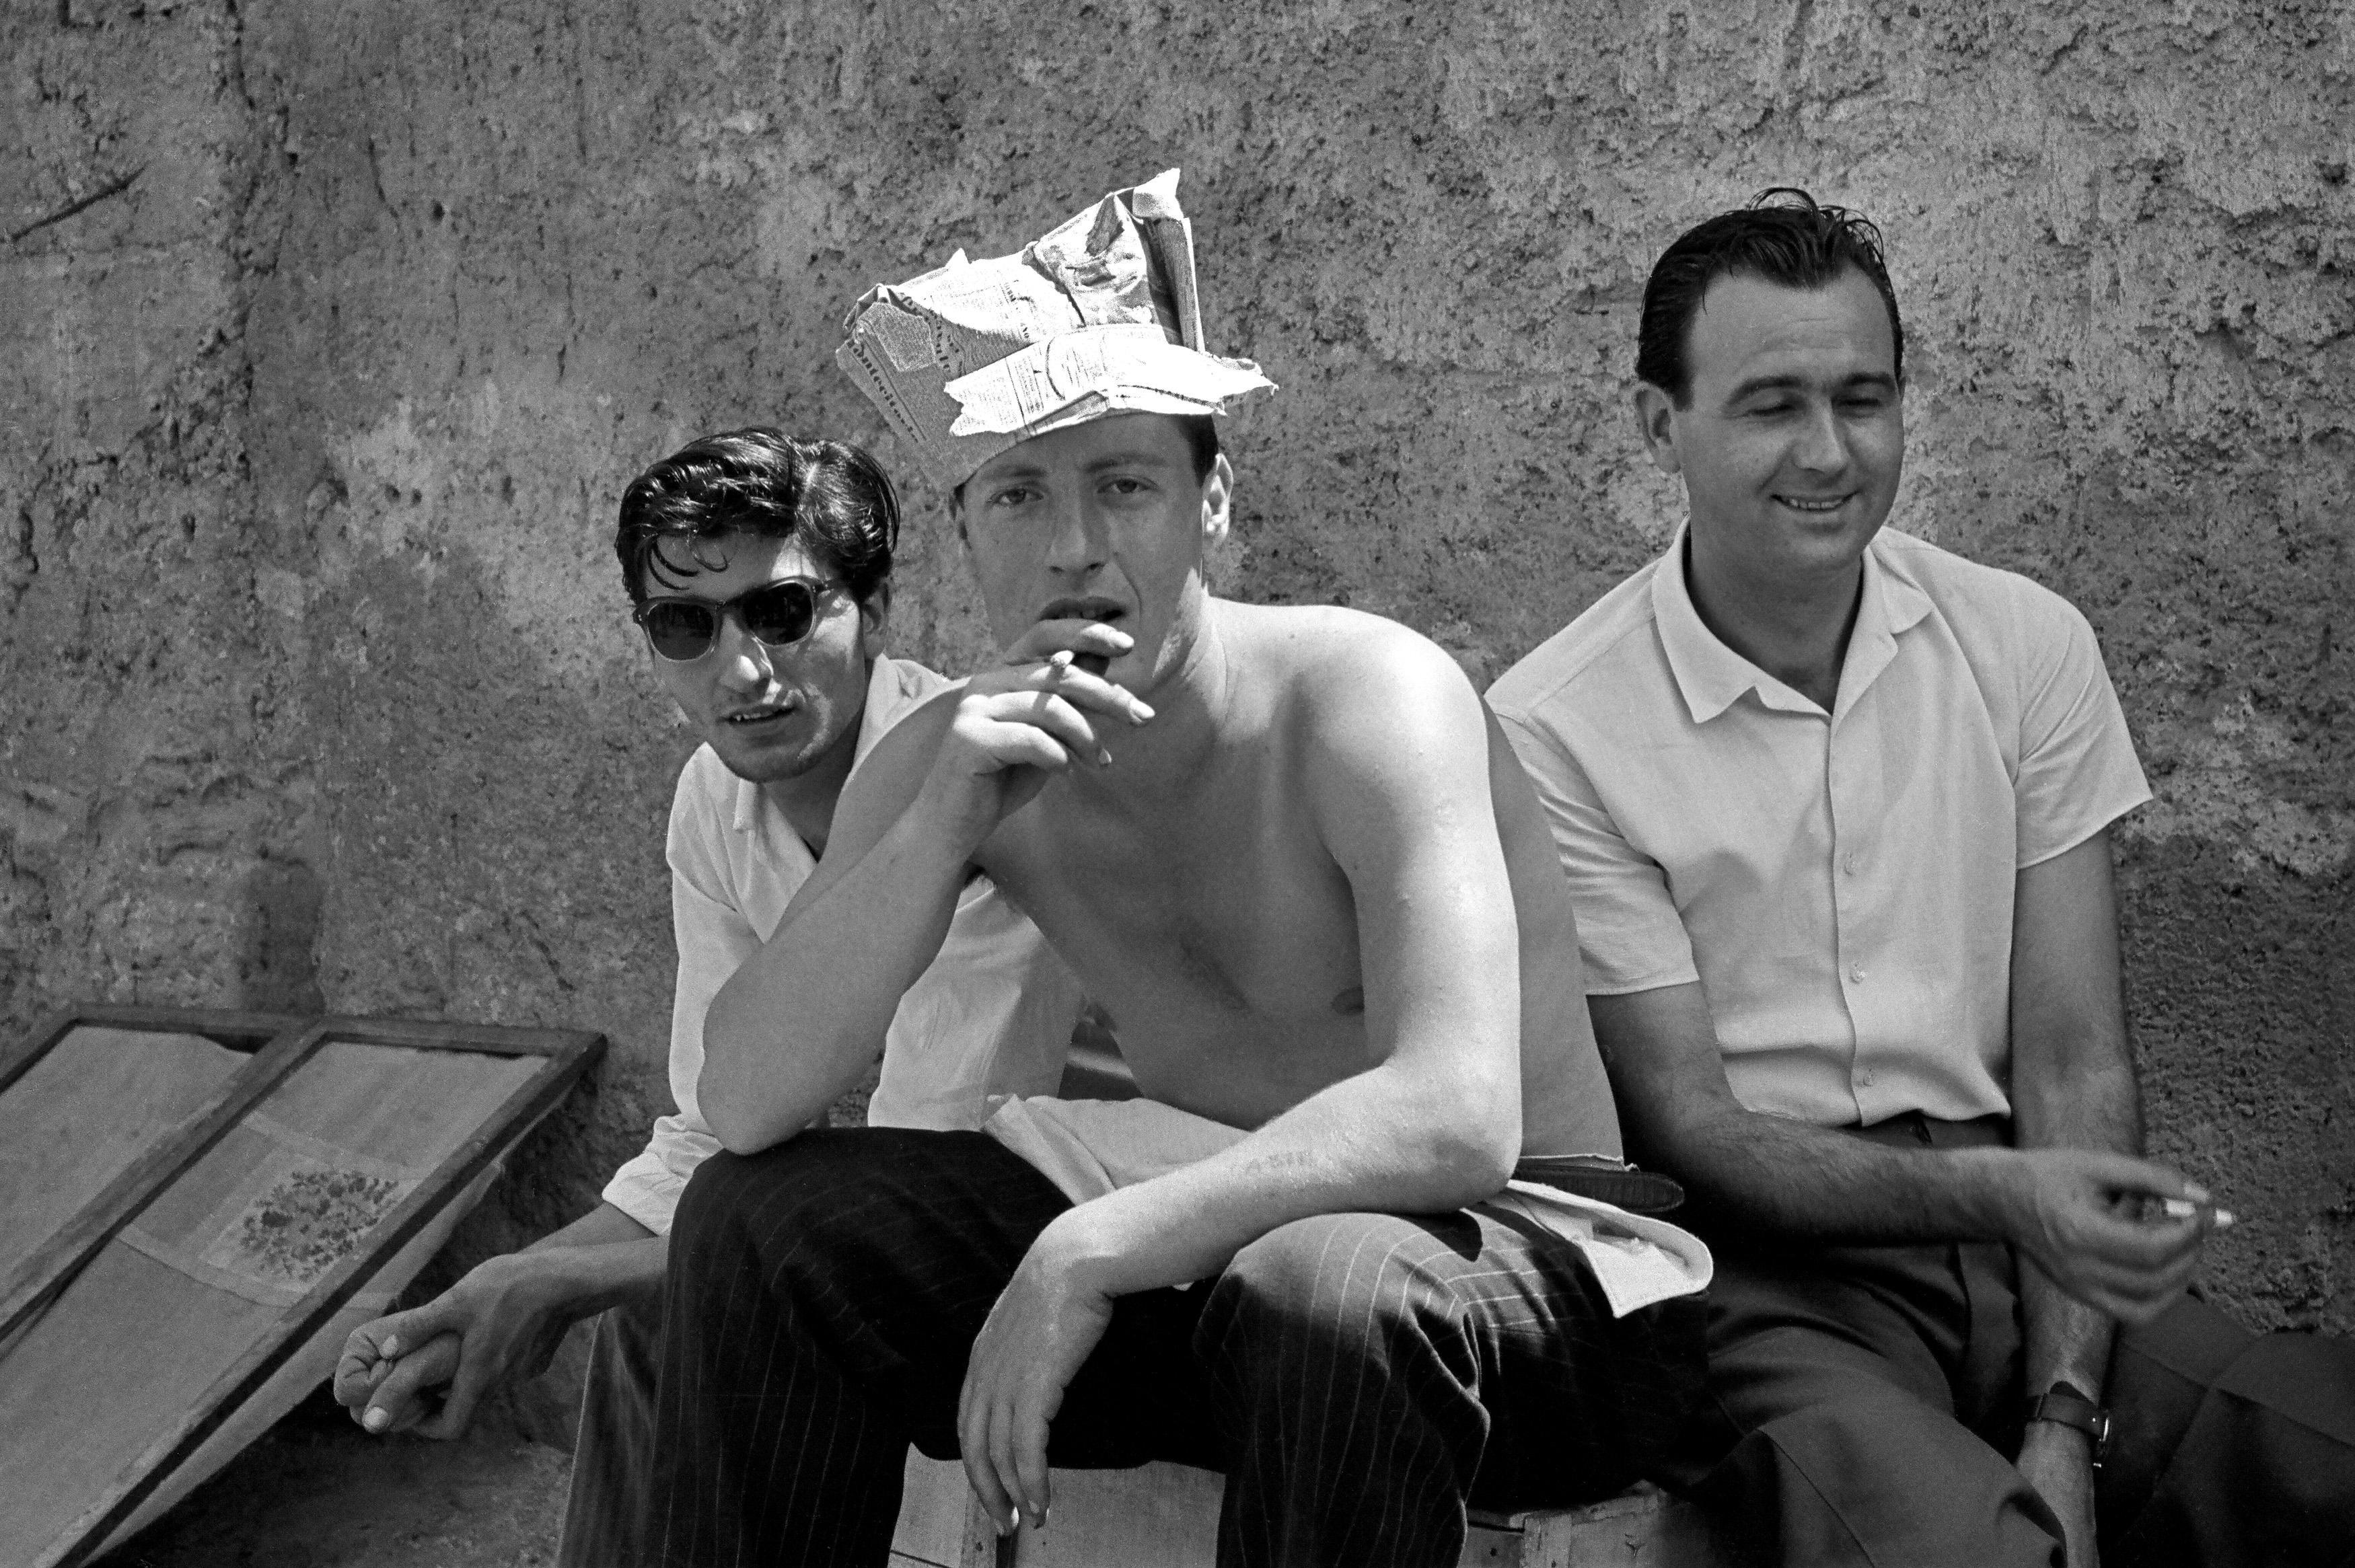 Poveri ma belli, 1955 - Contemporary Photorealist Black & White Photography